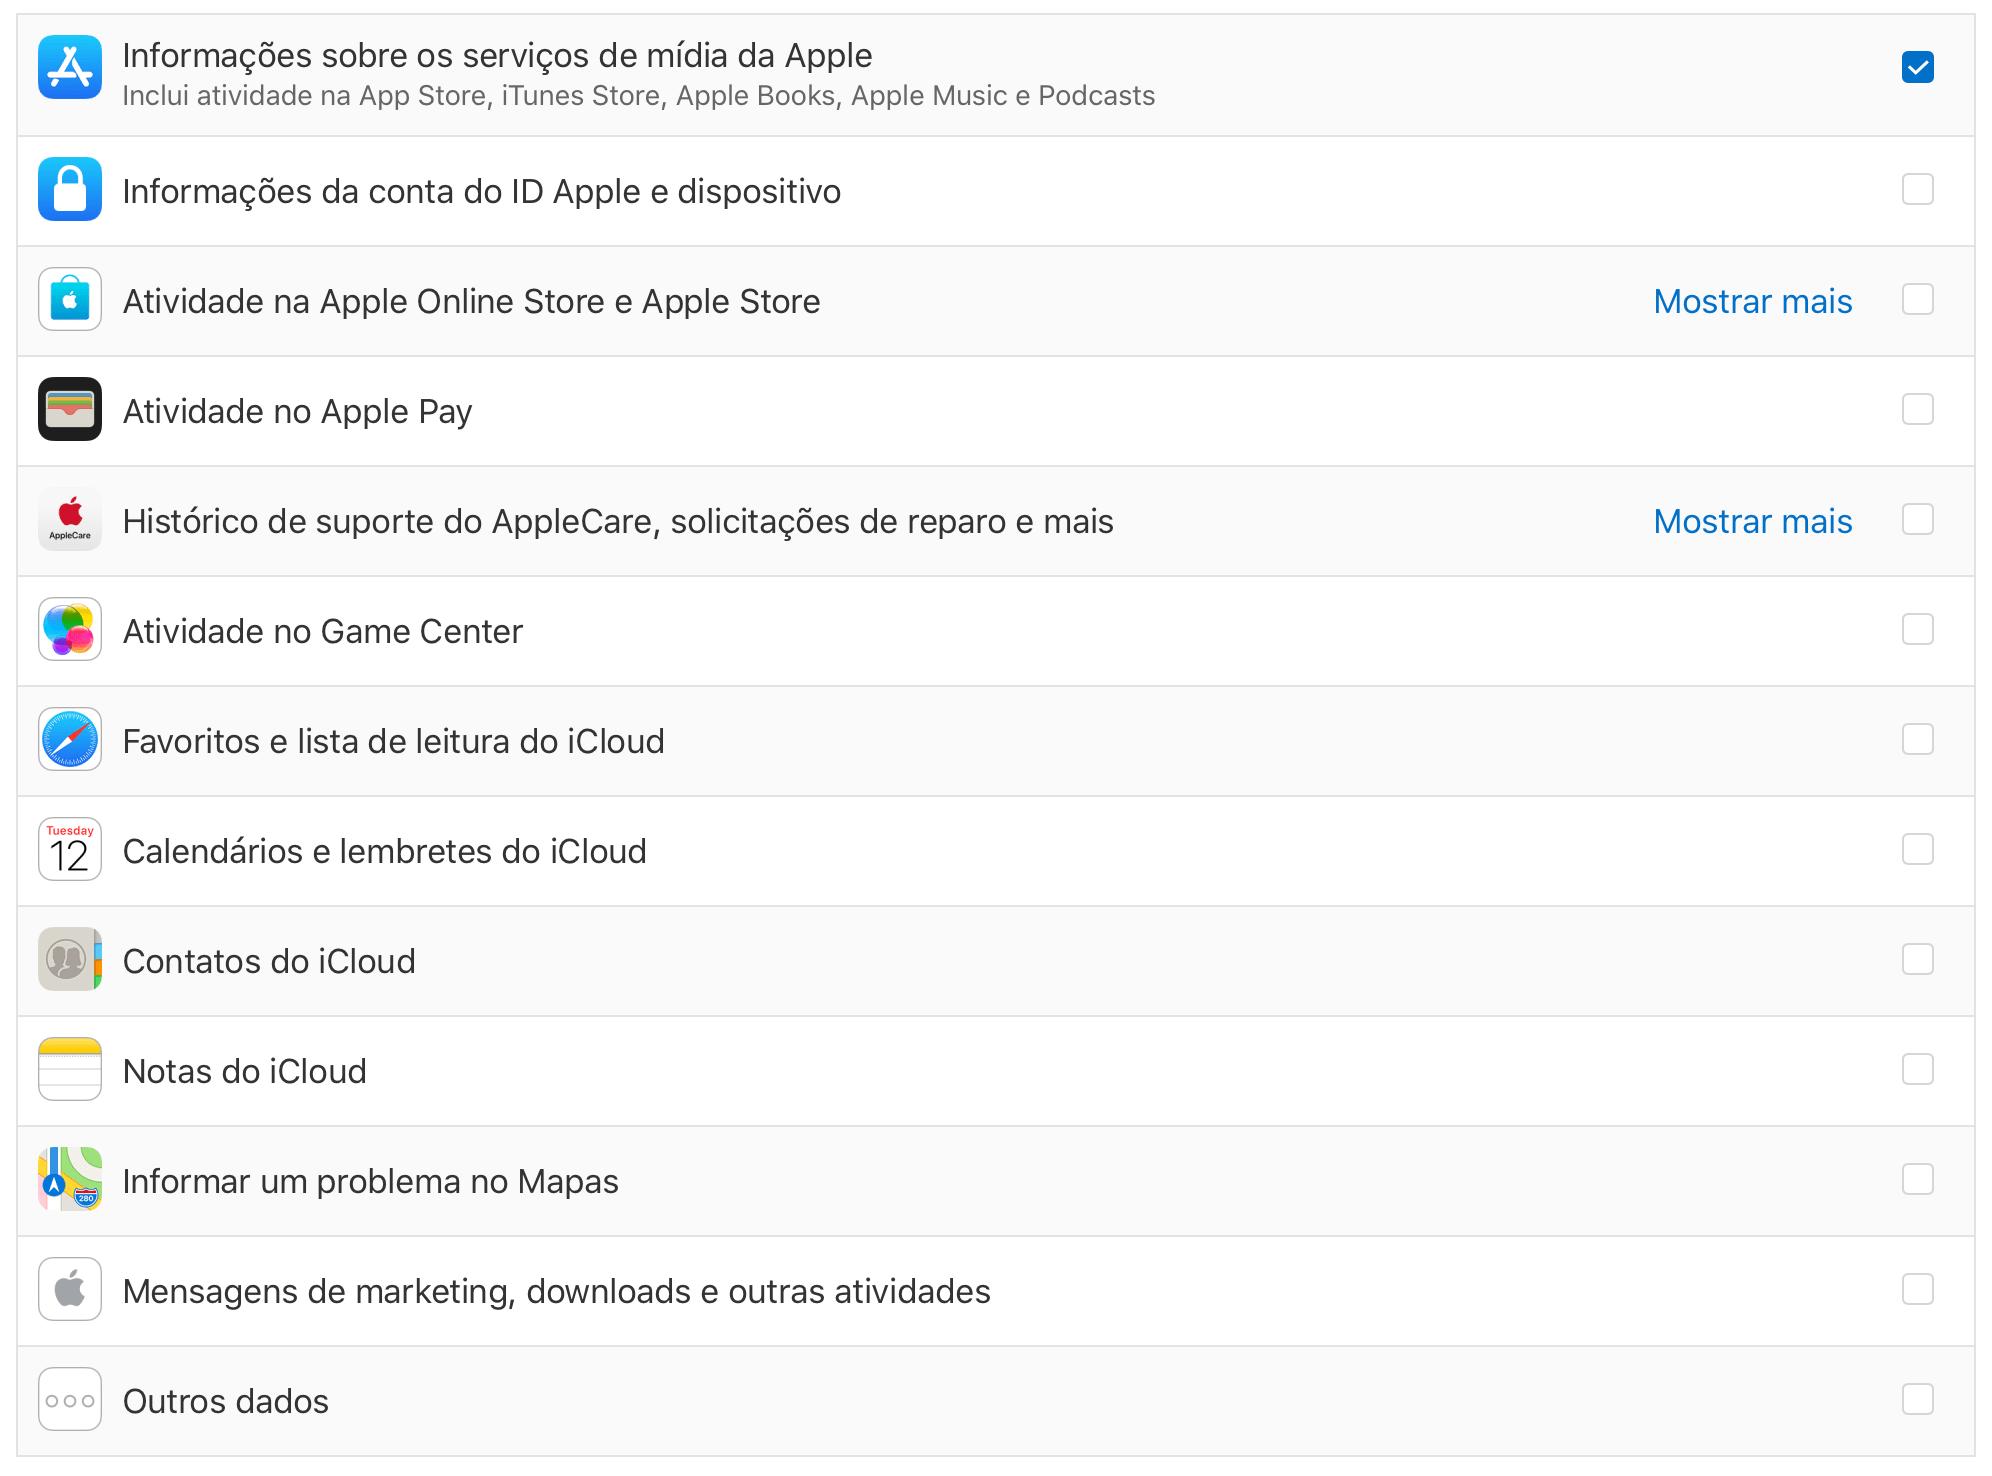 Selecionar dados de privacidade do ID Apple